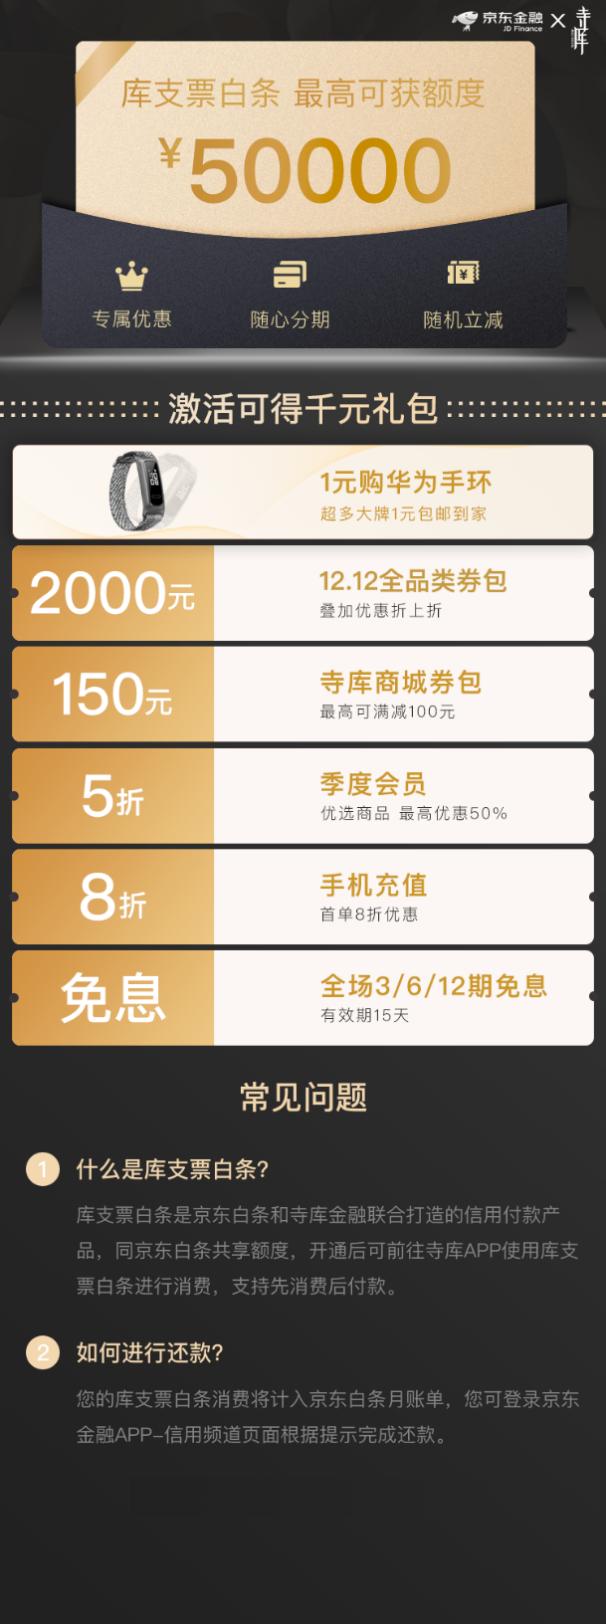 京东数科助力零售电商金融数字化